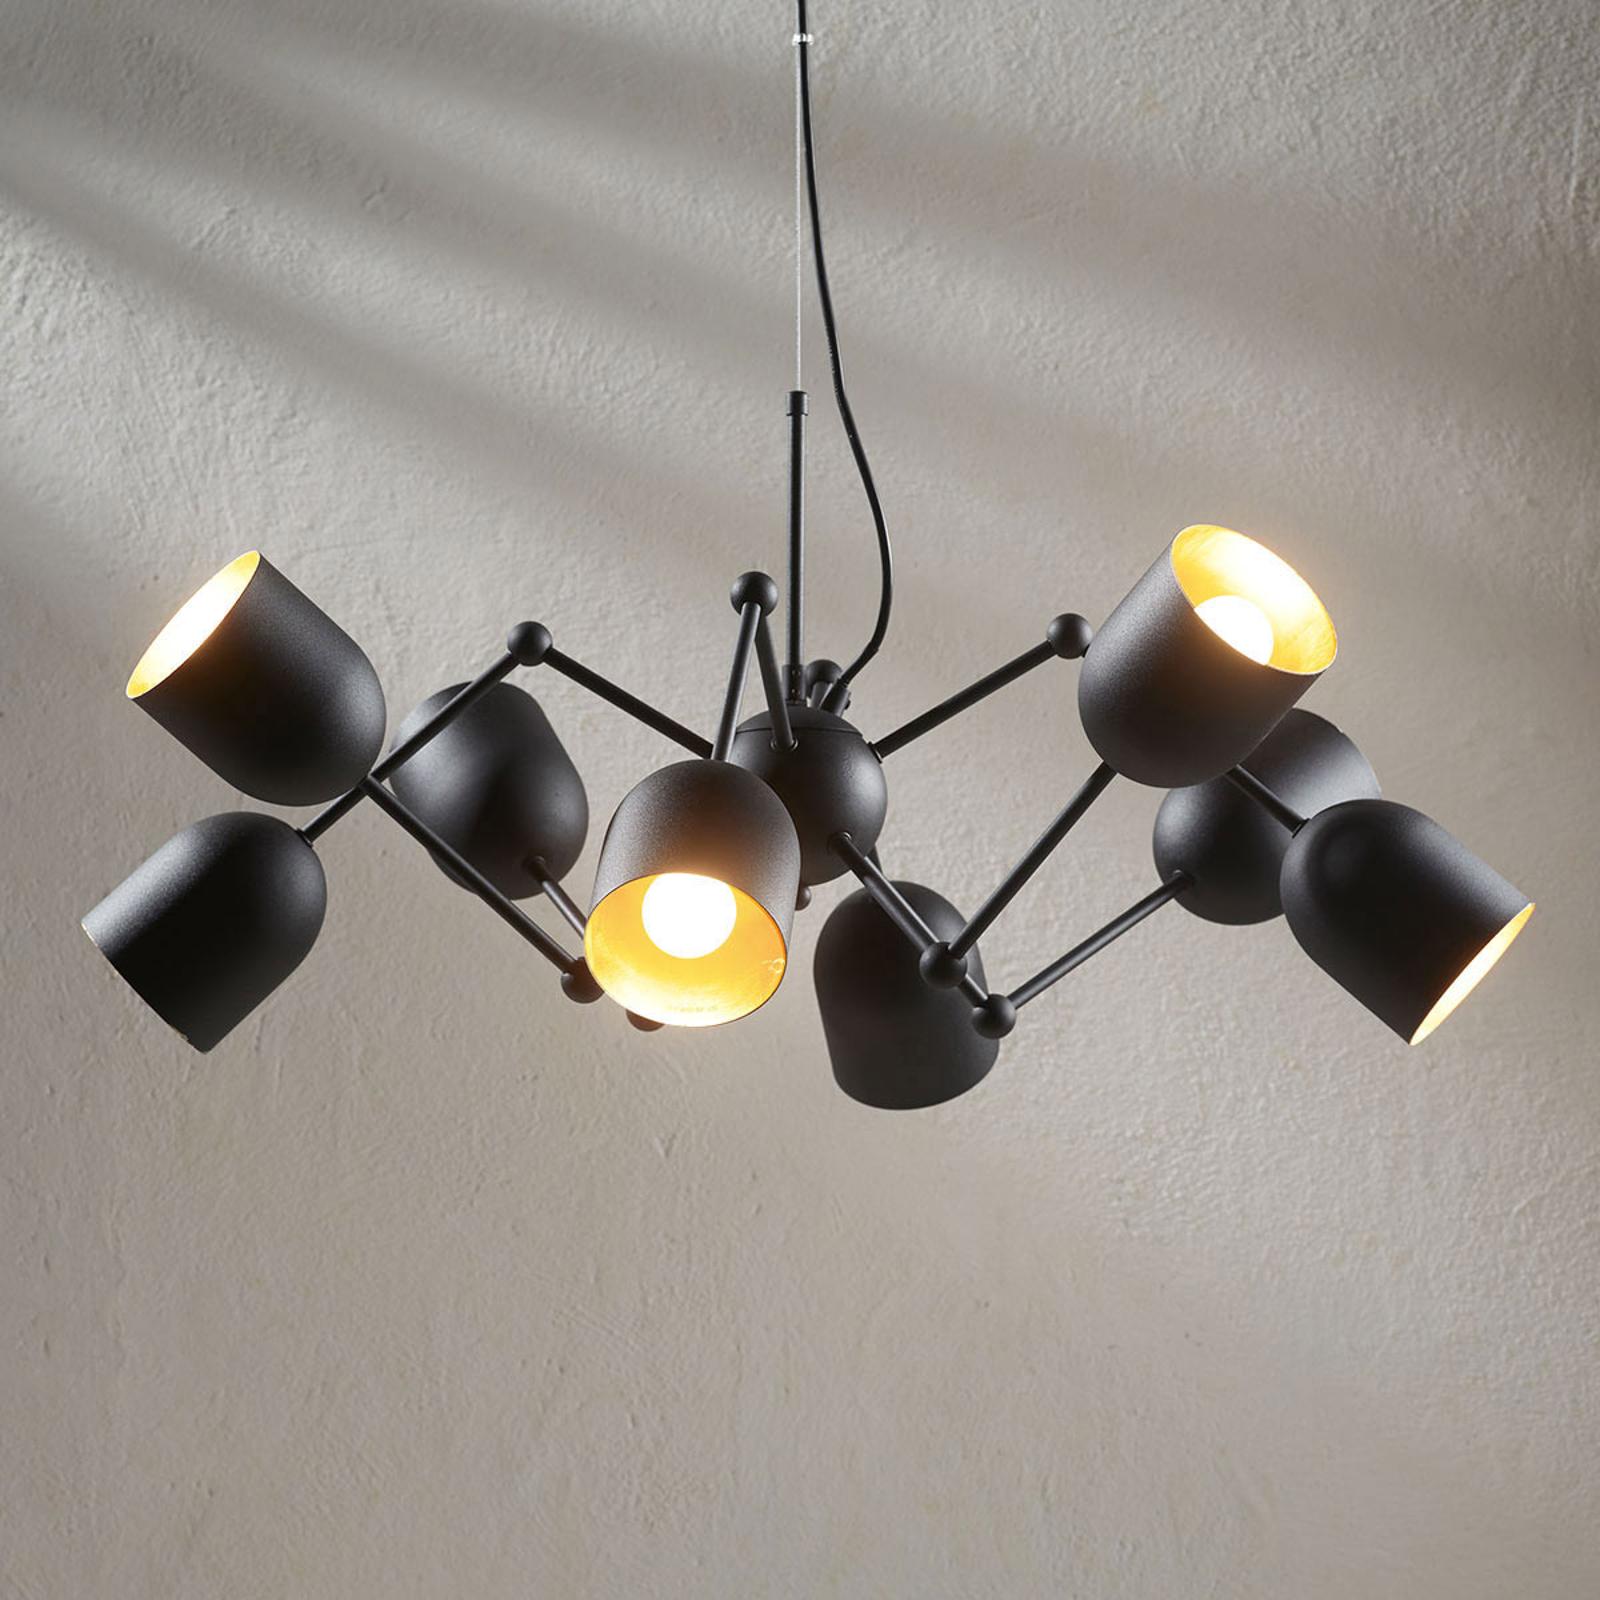 Suspension LED à 8 lampes Morik, easydim